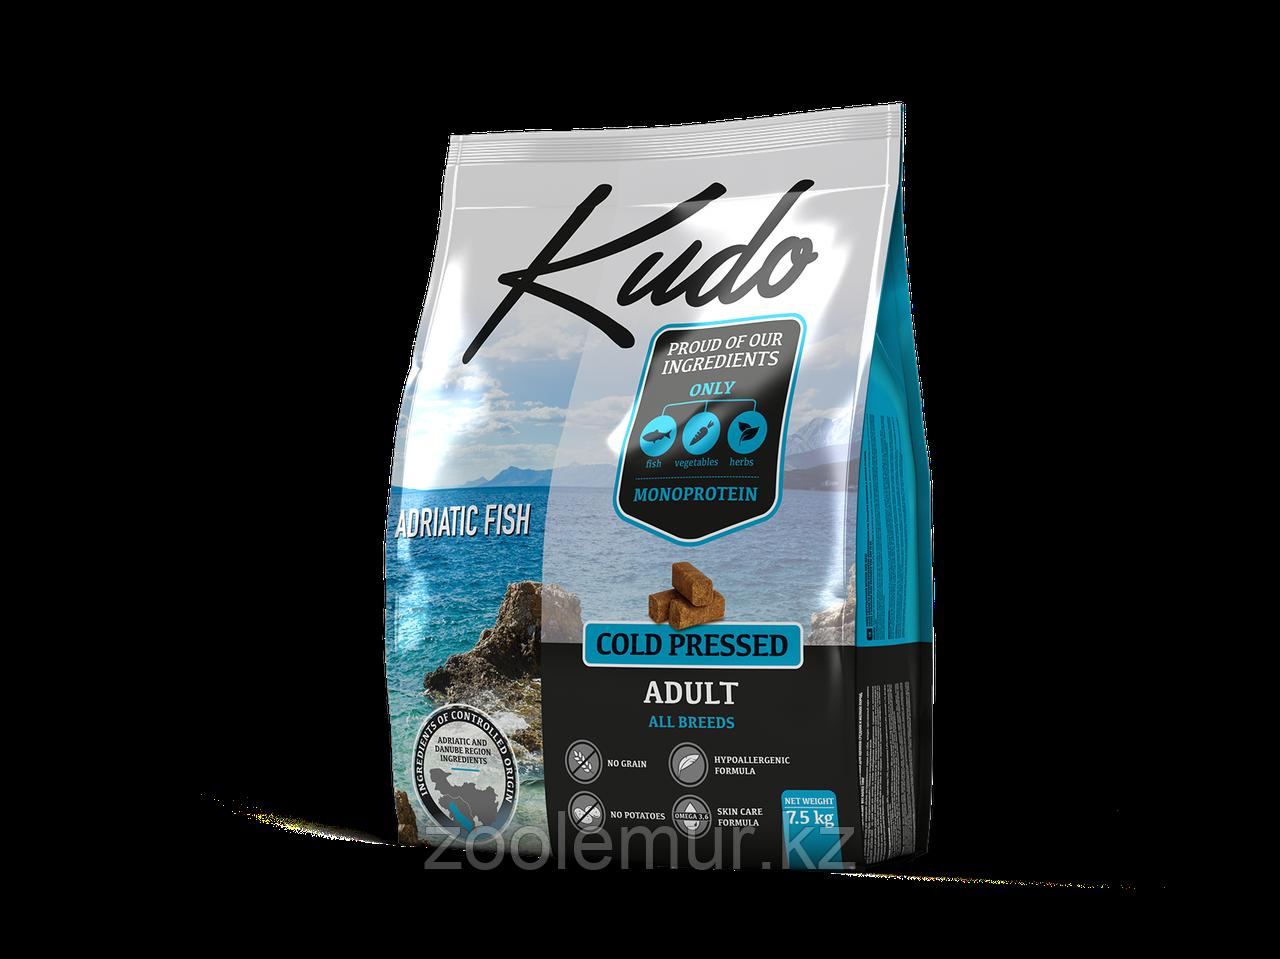 KUDO сухой корм для взрослых собак Адриатическая рыба 2.5 кг